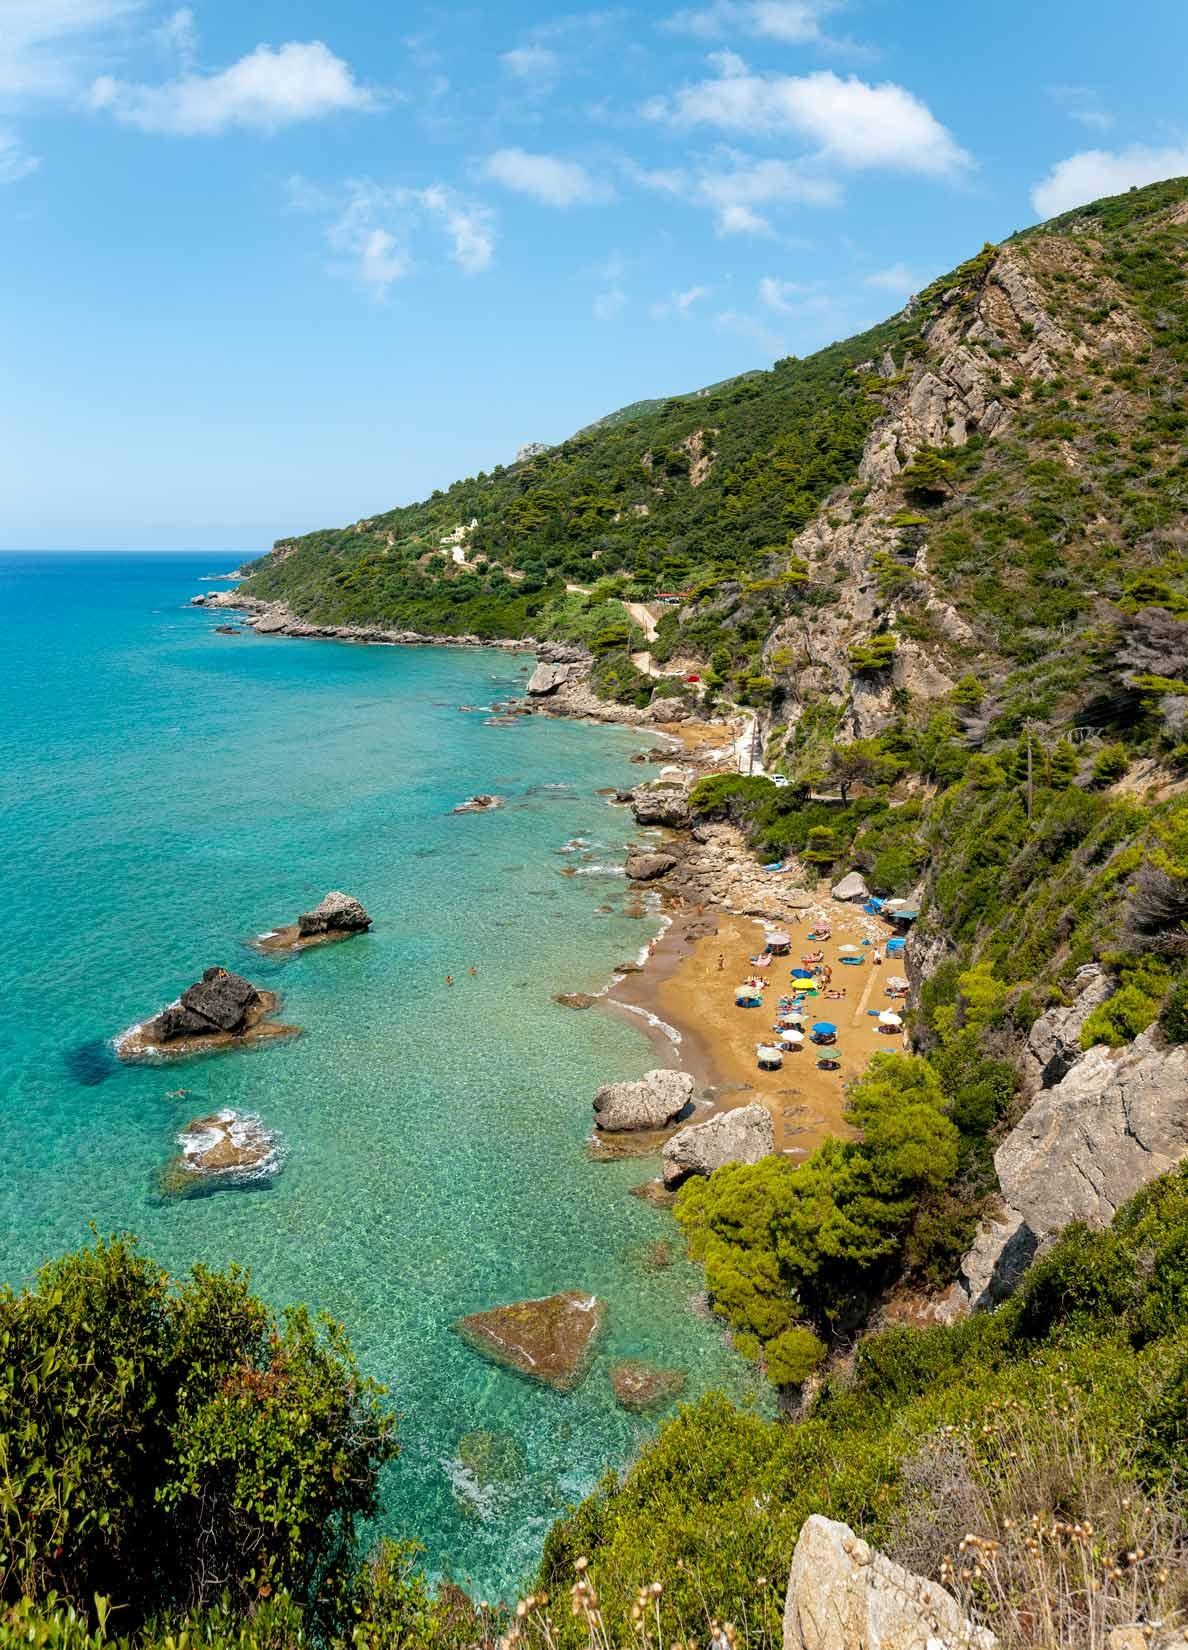 Pláž Mirtiotissas po poledni. Sluníčko jemně laská holá pozadí nudistů a naturistů. I popředí...